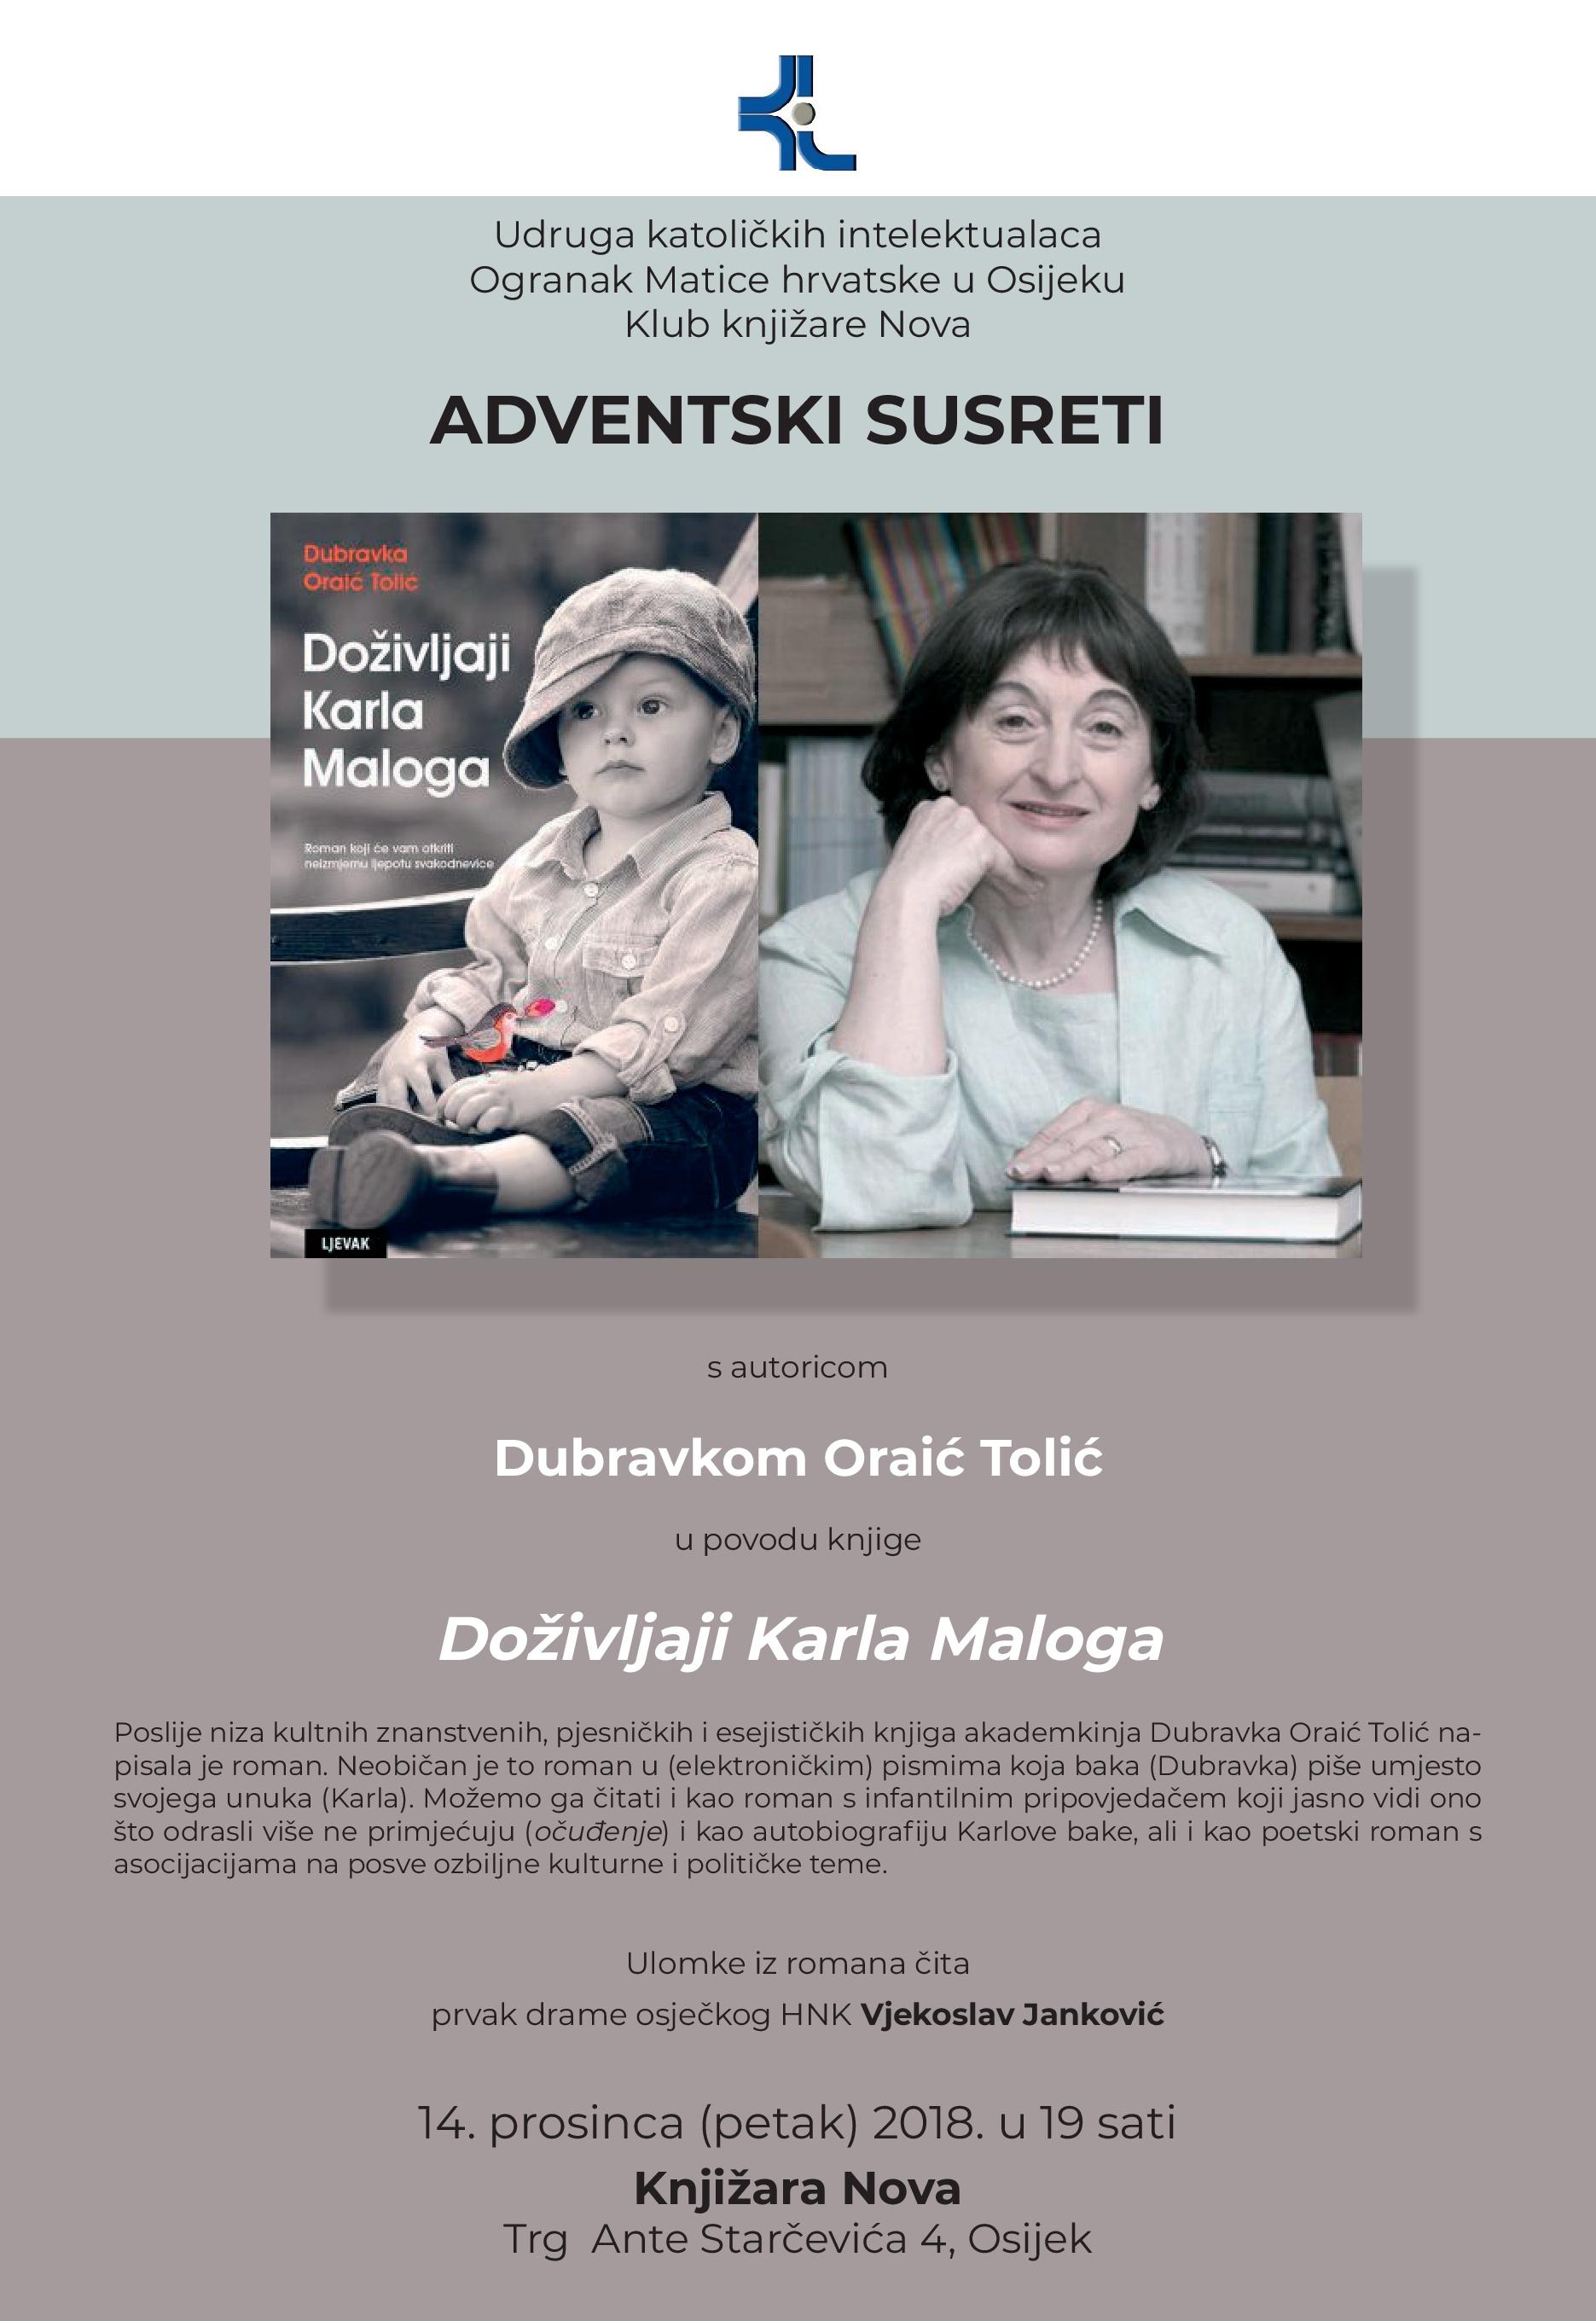 UKI_Adventski susreti 2_ D.O.T.-001